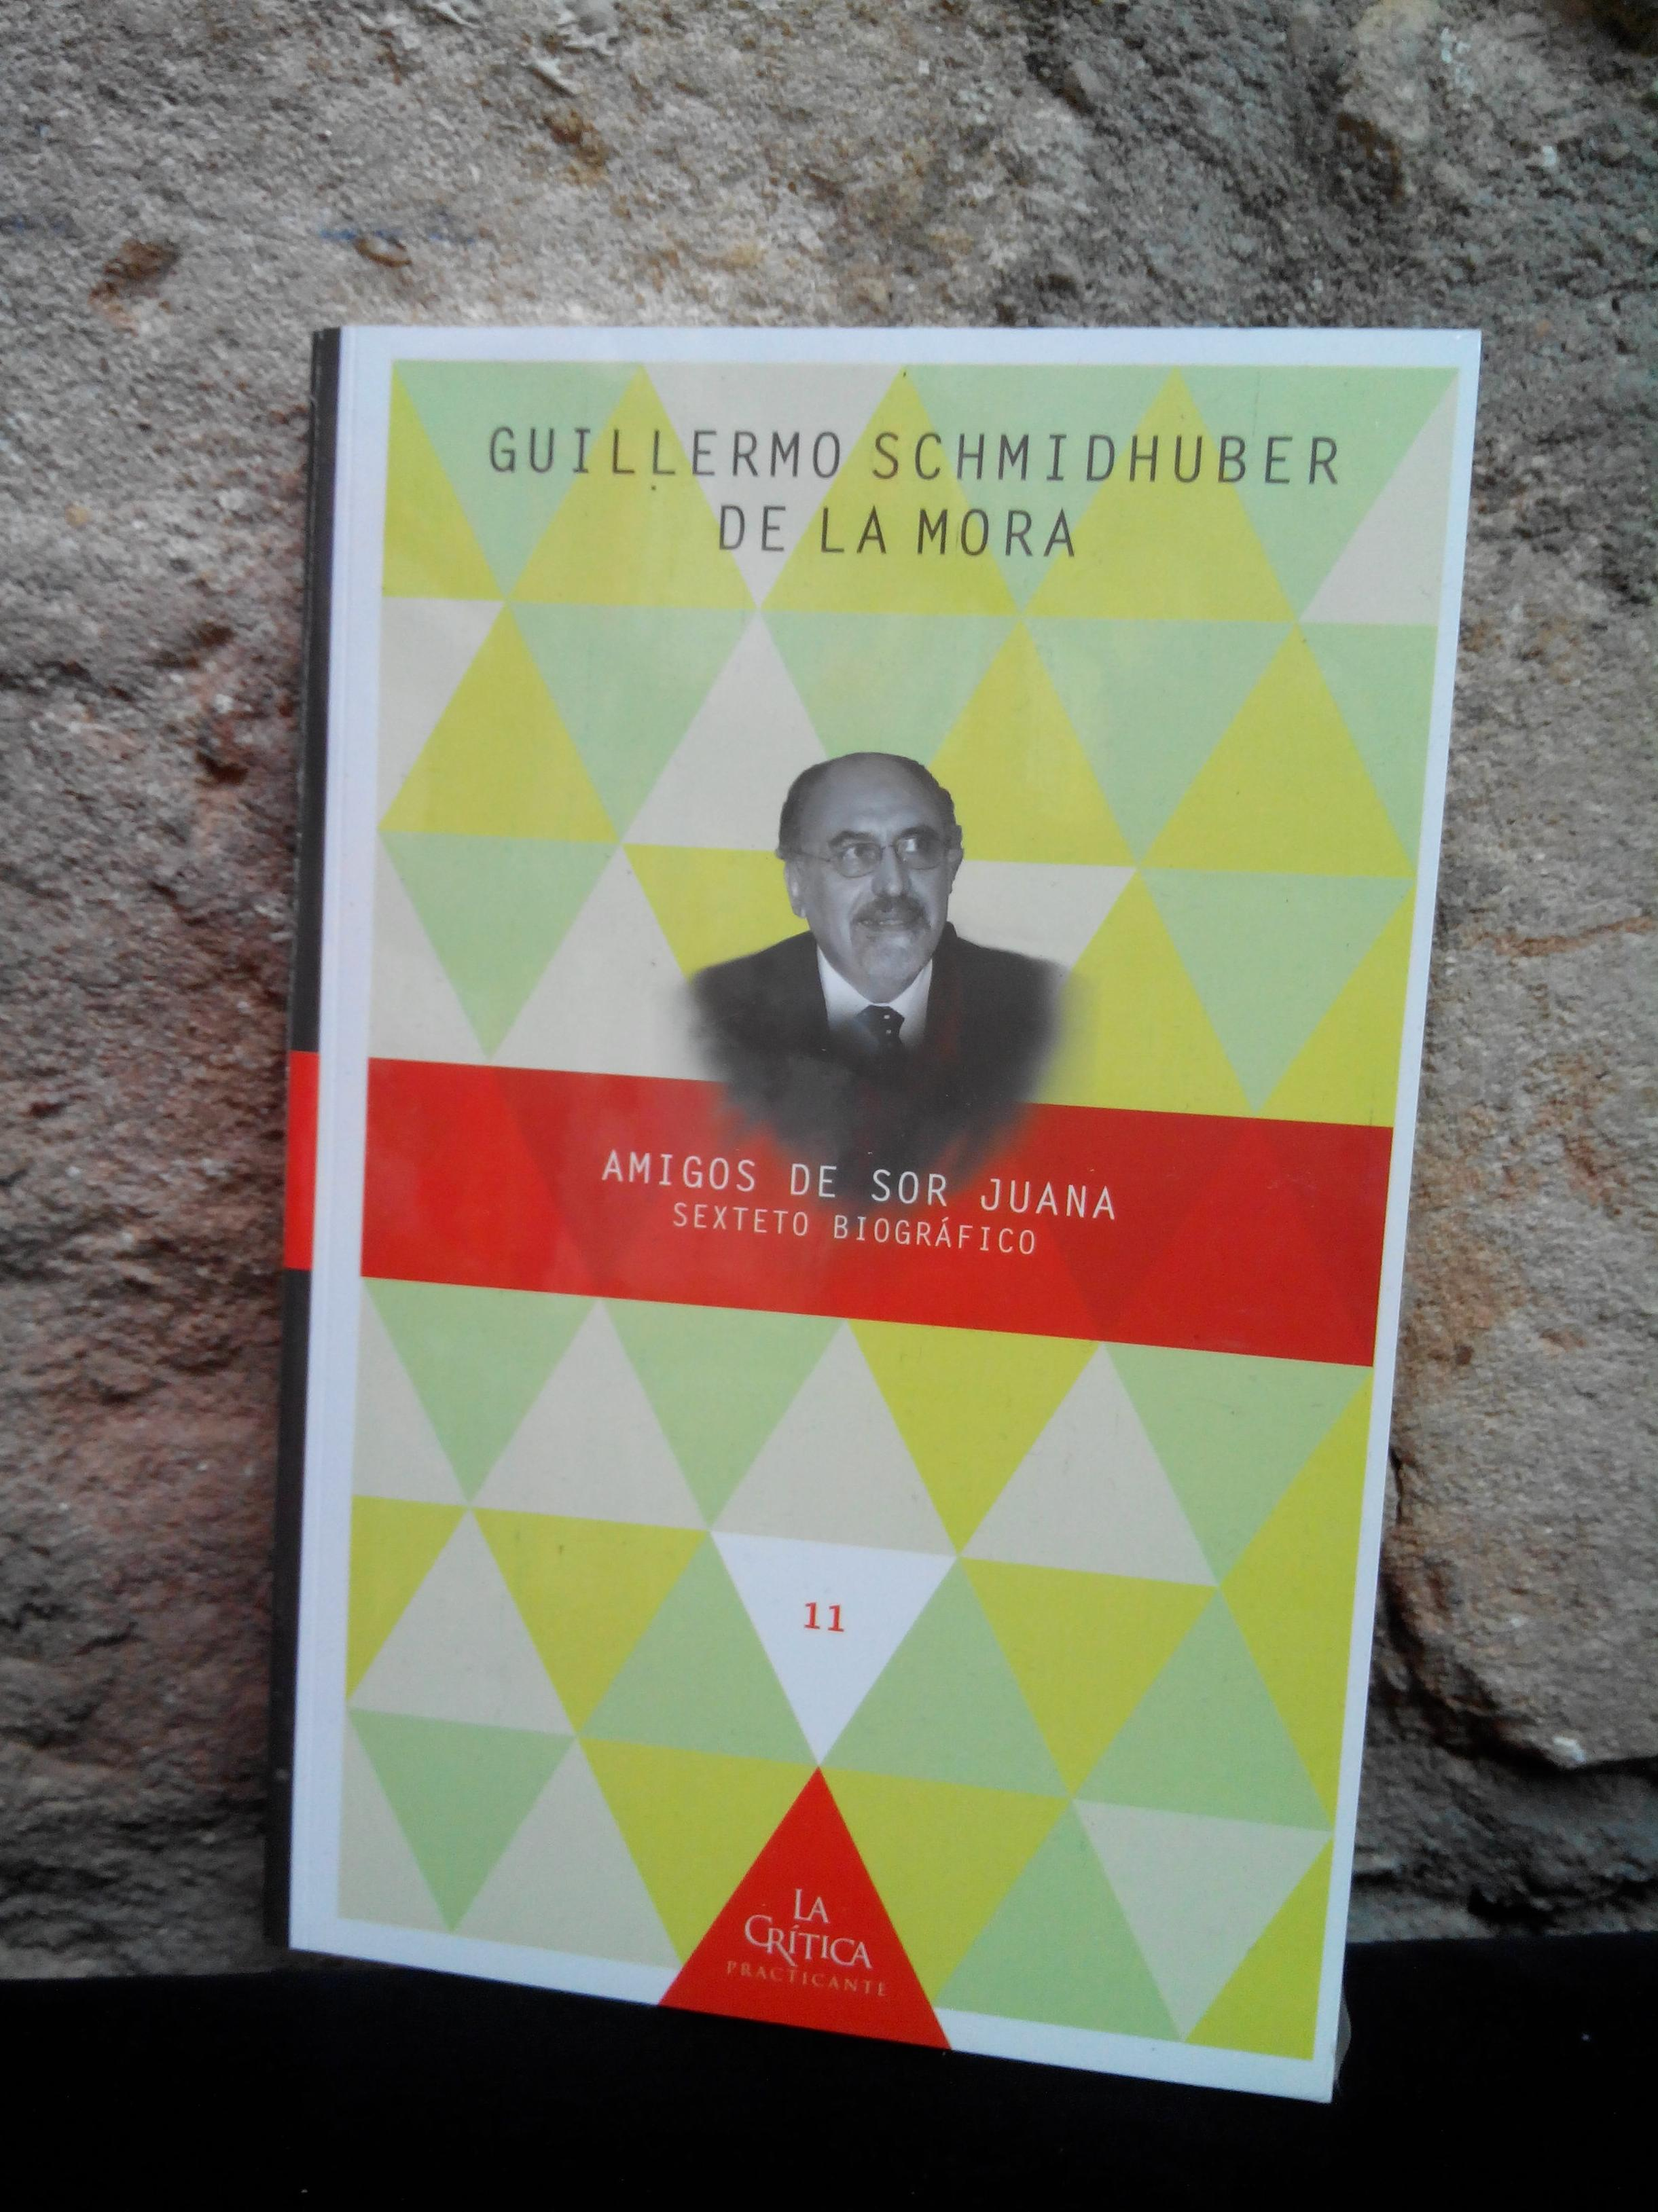 AMIGOS DE SOR JUANA, SEXTETO BIOGRÁFICO: SECCIONES de Librería Nueva Plaza Universitaria